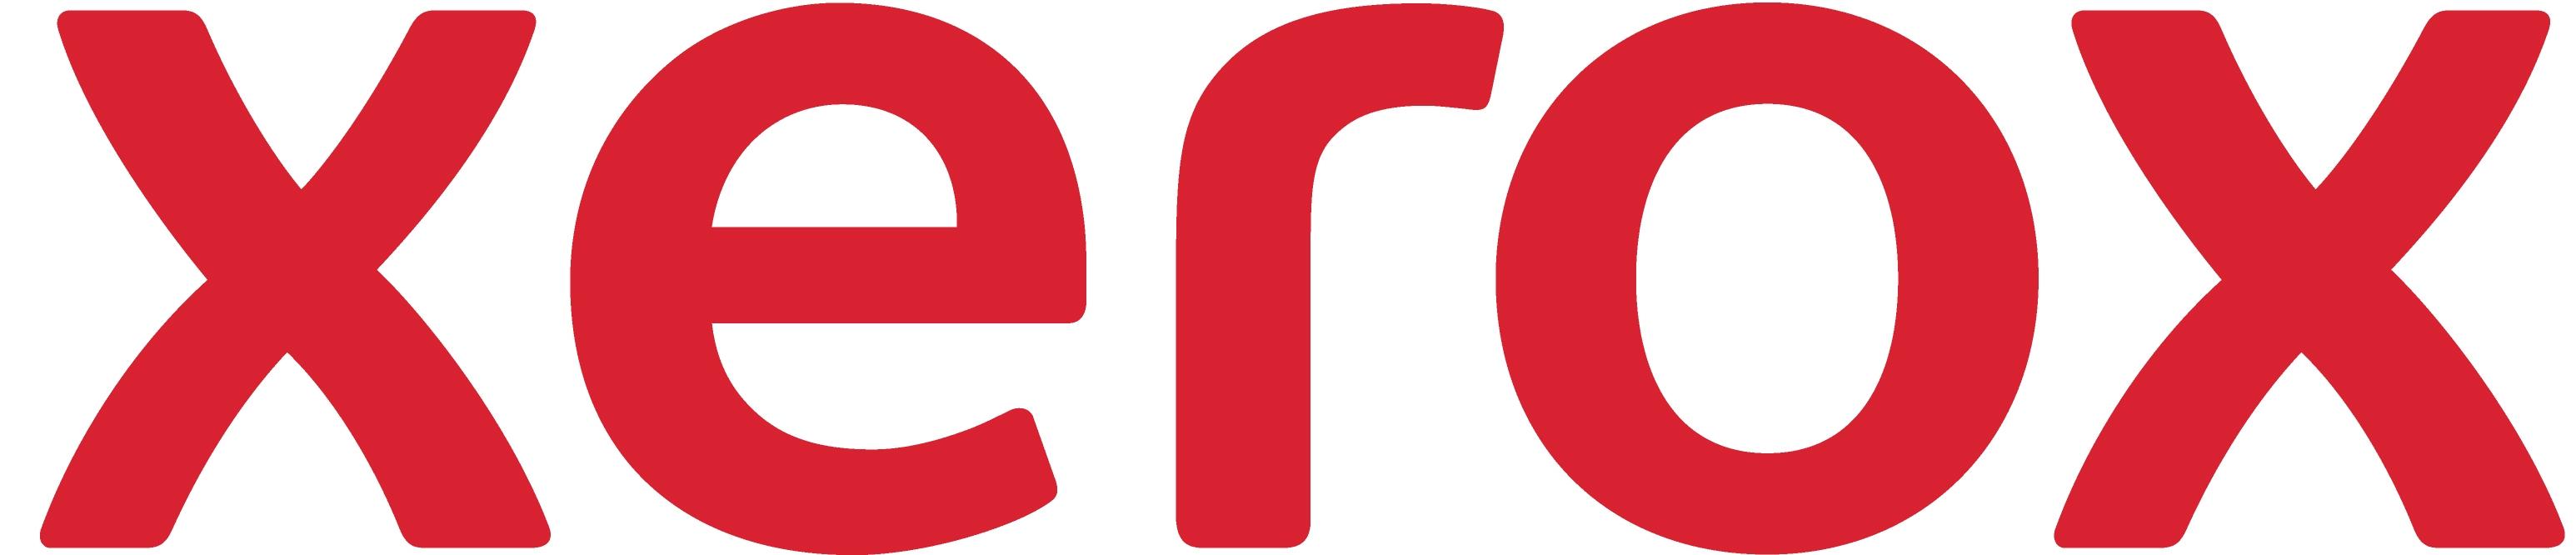 Xerox Logo Vector - Xerox Logo Vector PNG